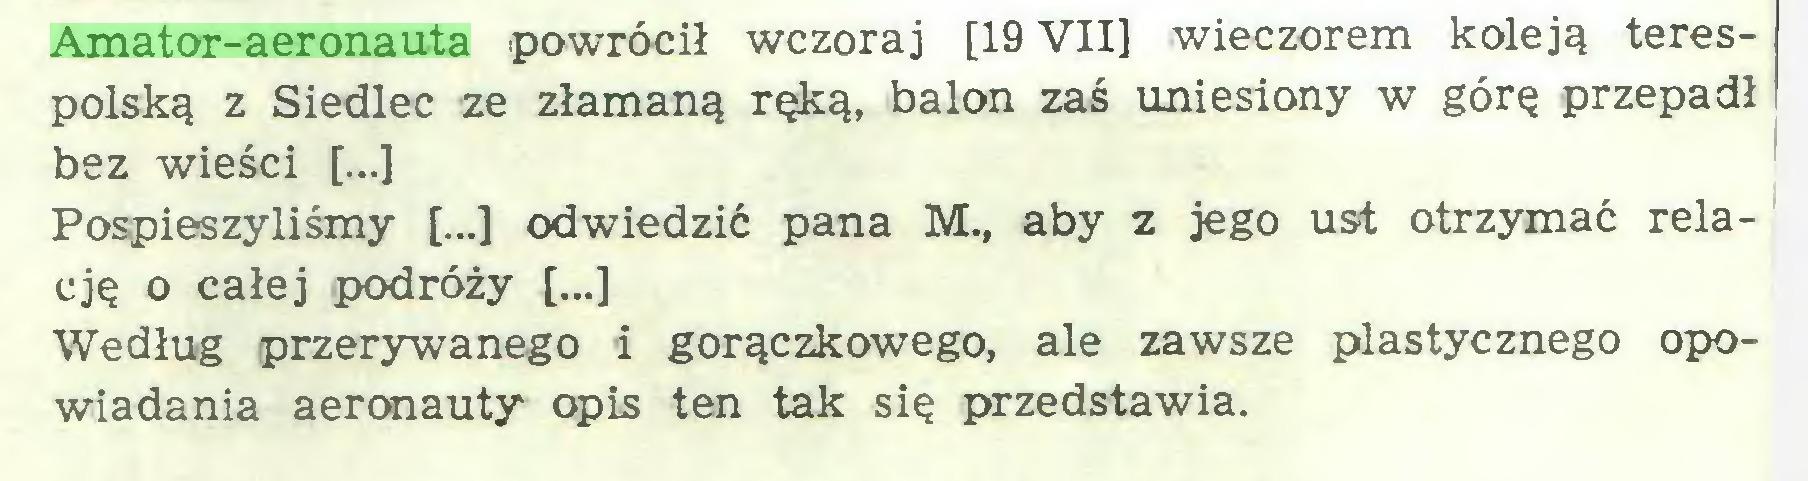 (...) Amator-aeronauta powrócił wczoraj [19 VII] wieczorem koleją terespolską z Siedlec ze złamaną ręką, balon zaś uniesiony w górę przepadł bez wieści [...] Pospieszyliśmy [...] odwiedzić pana M., aby z jego ust otrzymać relację o całej podróży [...] Według przerywanego i gorączkowego, ale zawsze plastycznego opowiadania aeronauty opis ten tak się przedstawia...